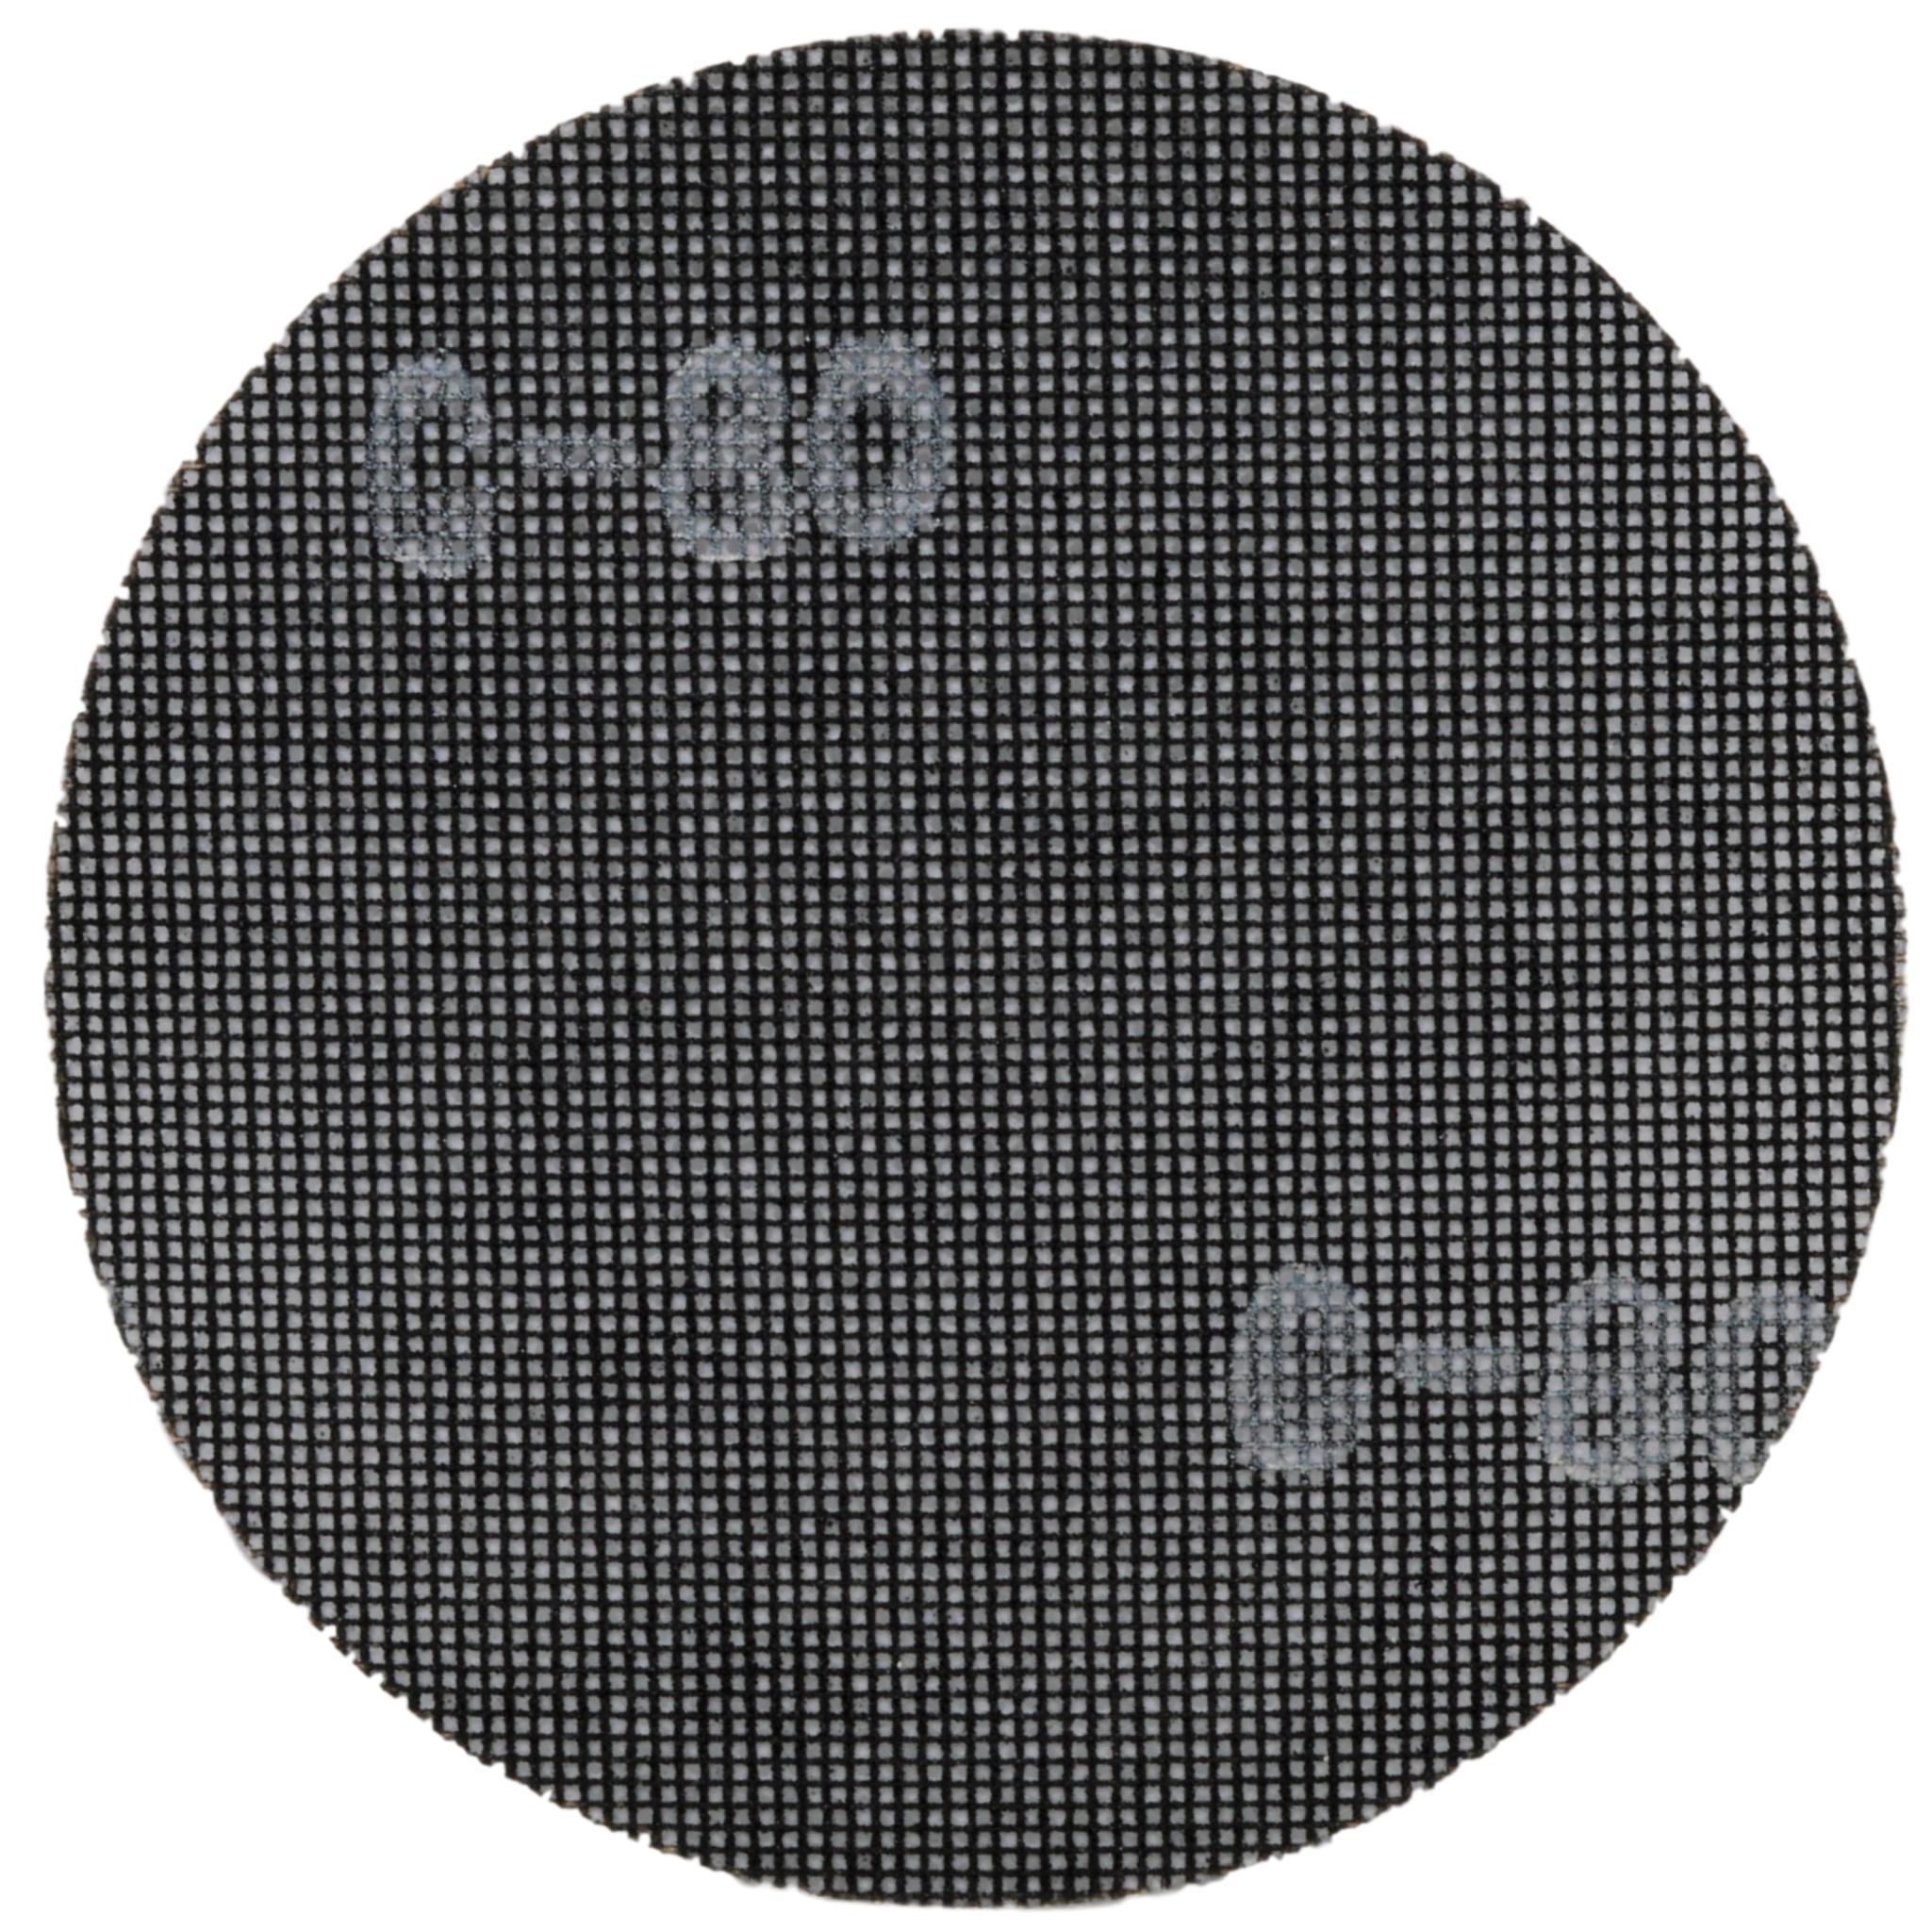 Schleifgitter 125mm 150mm 225mm Exzenter Schleifscheiben Langhalsschleifer Klett